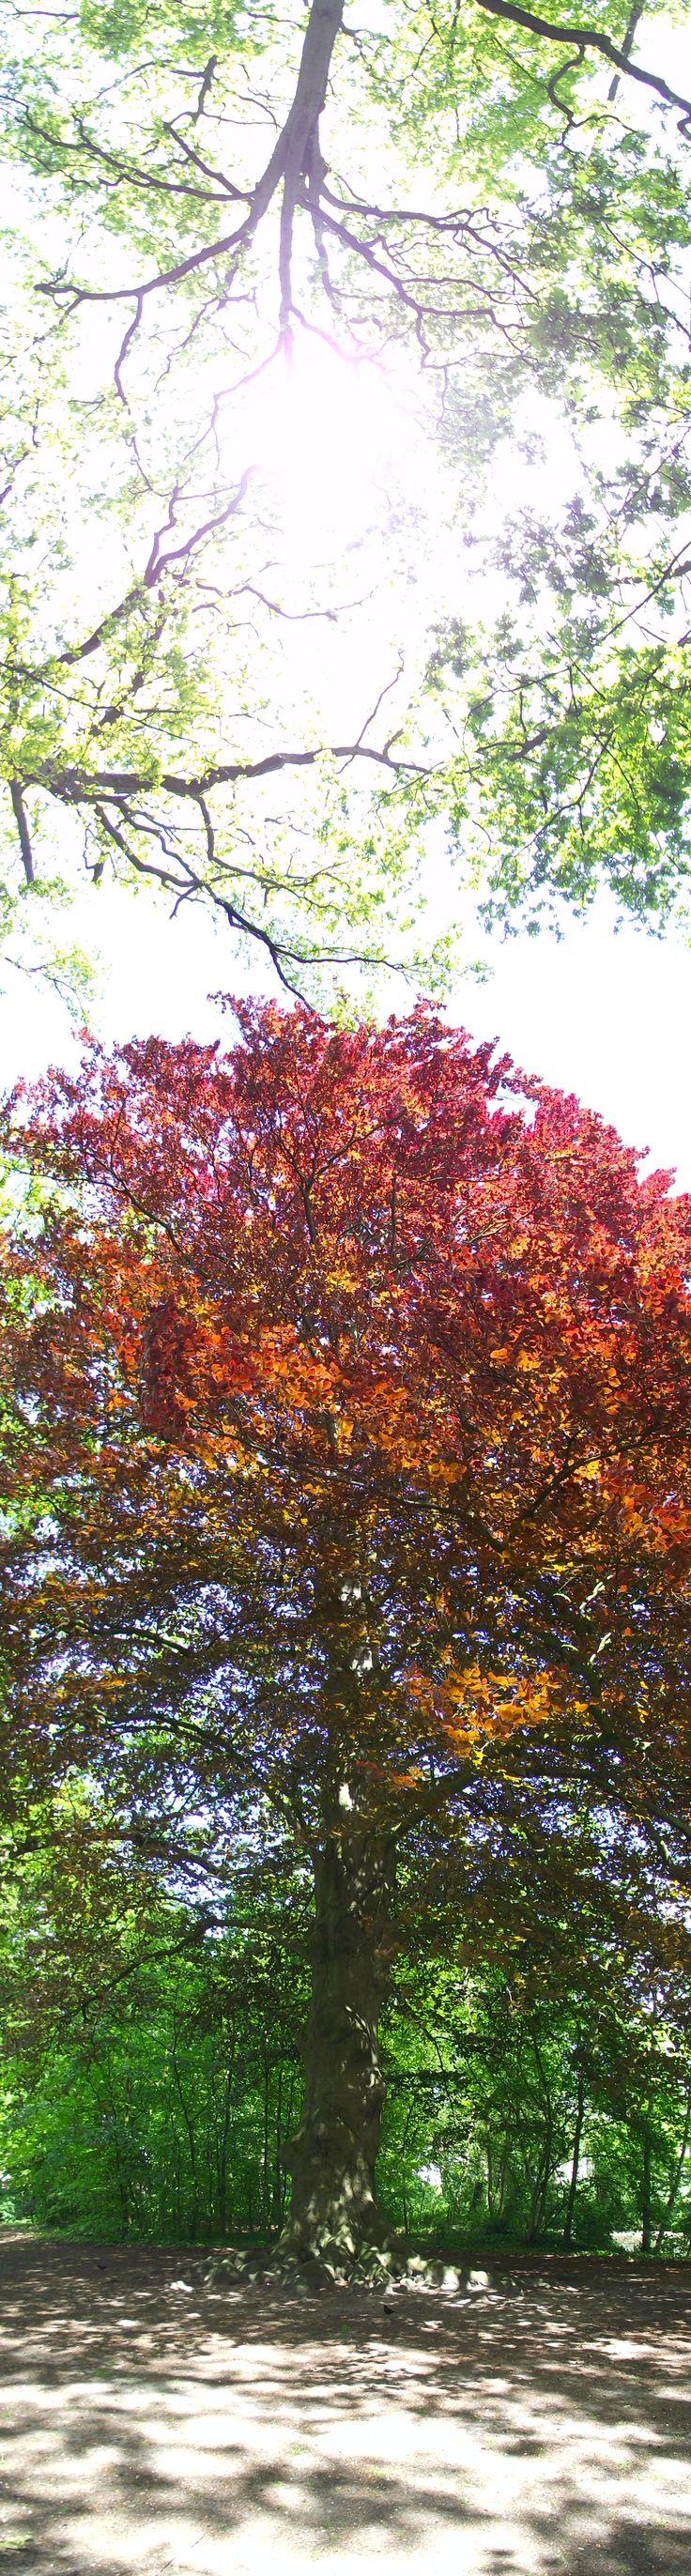 The Tree - Panorama shot.